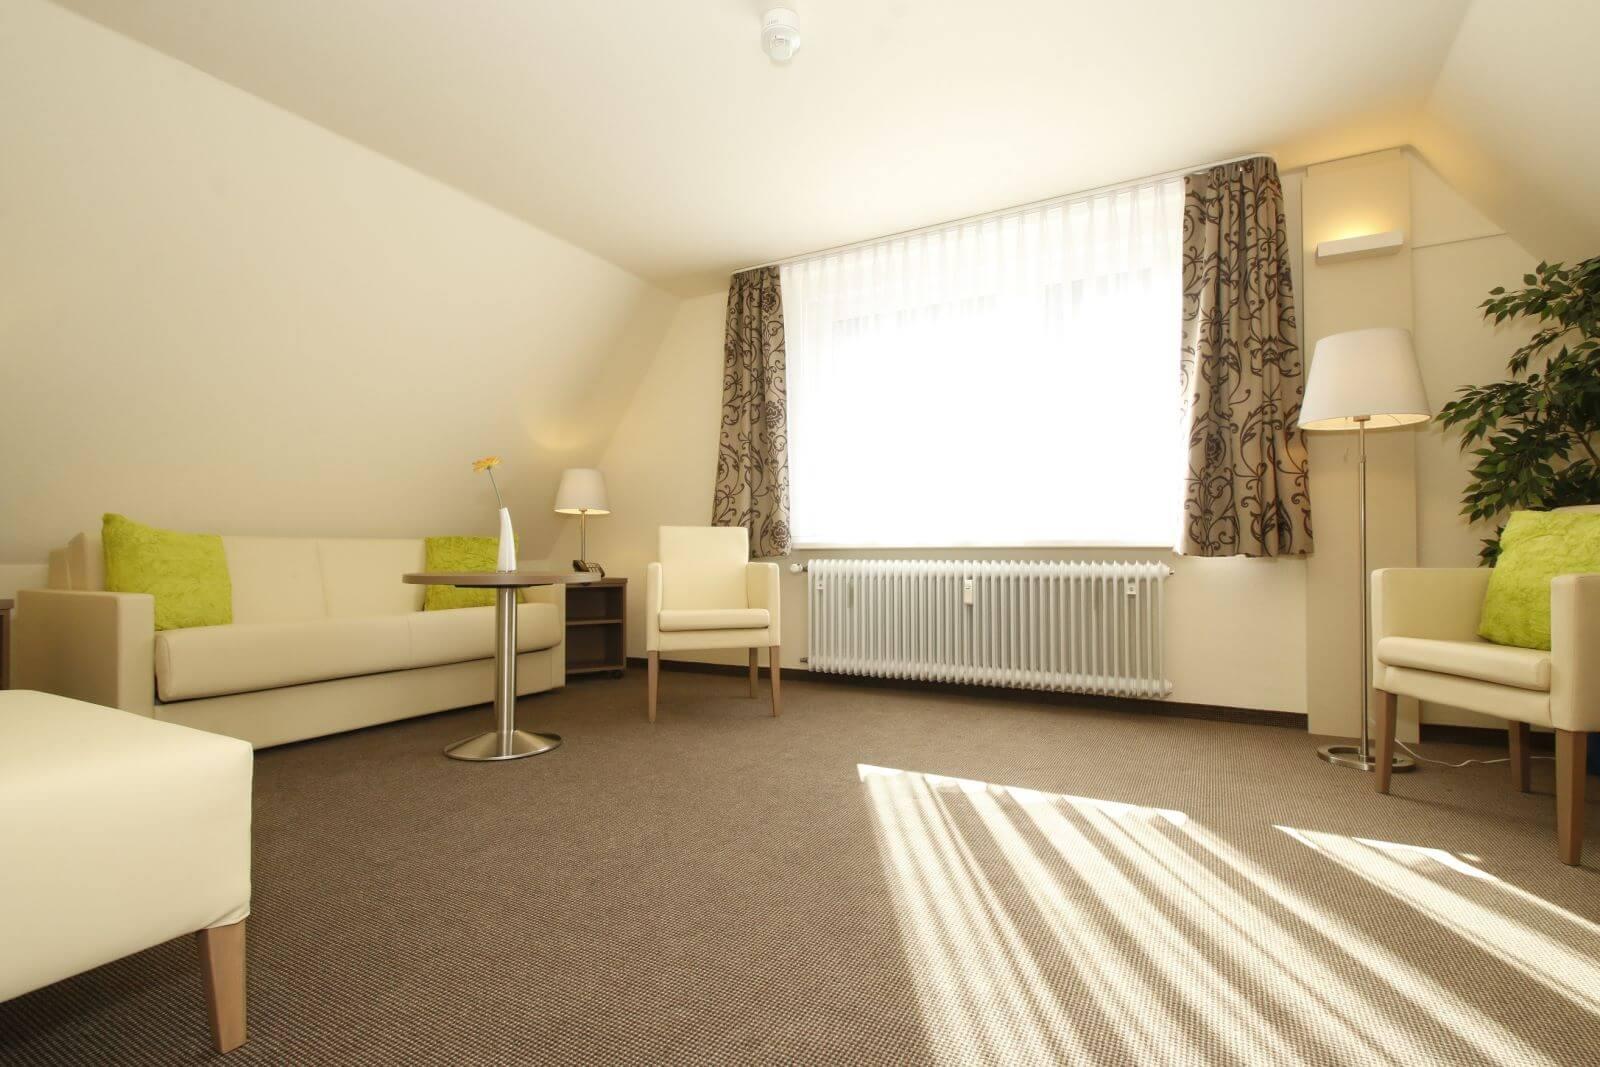 familienzimmer-suite-apartment-hotel-garni-pension-freiburg-cityhotel-innenstadt-guenstig (7)